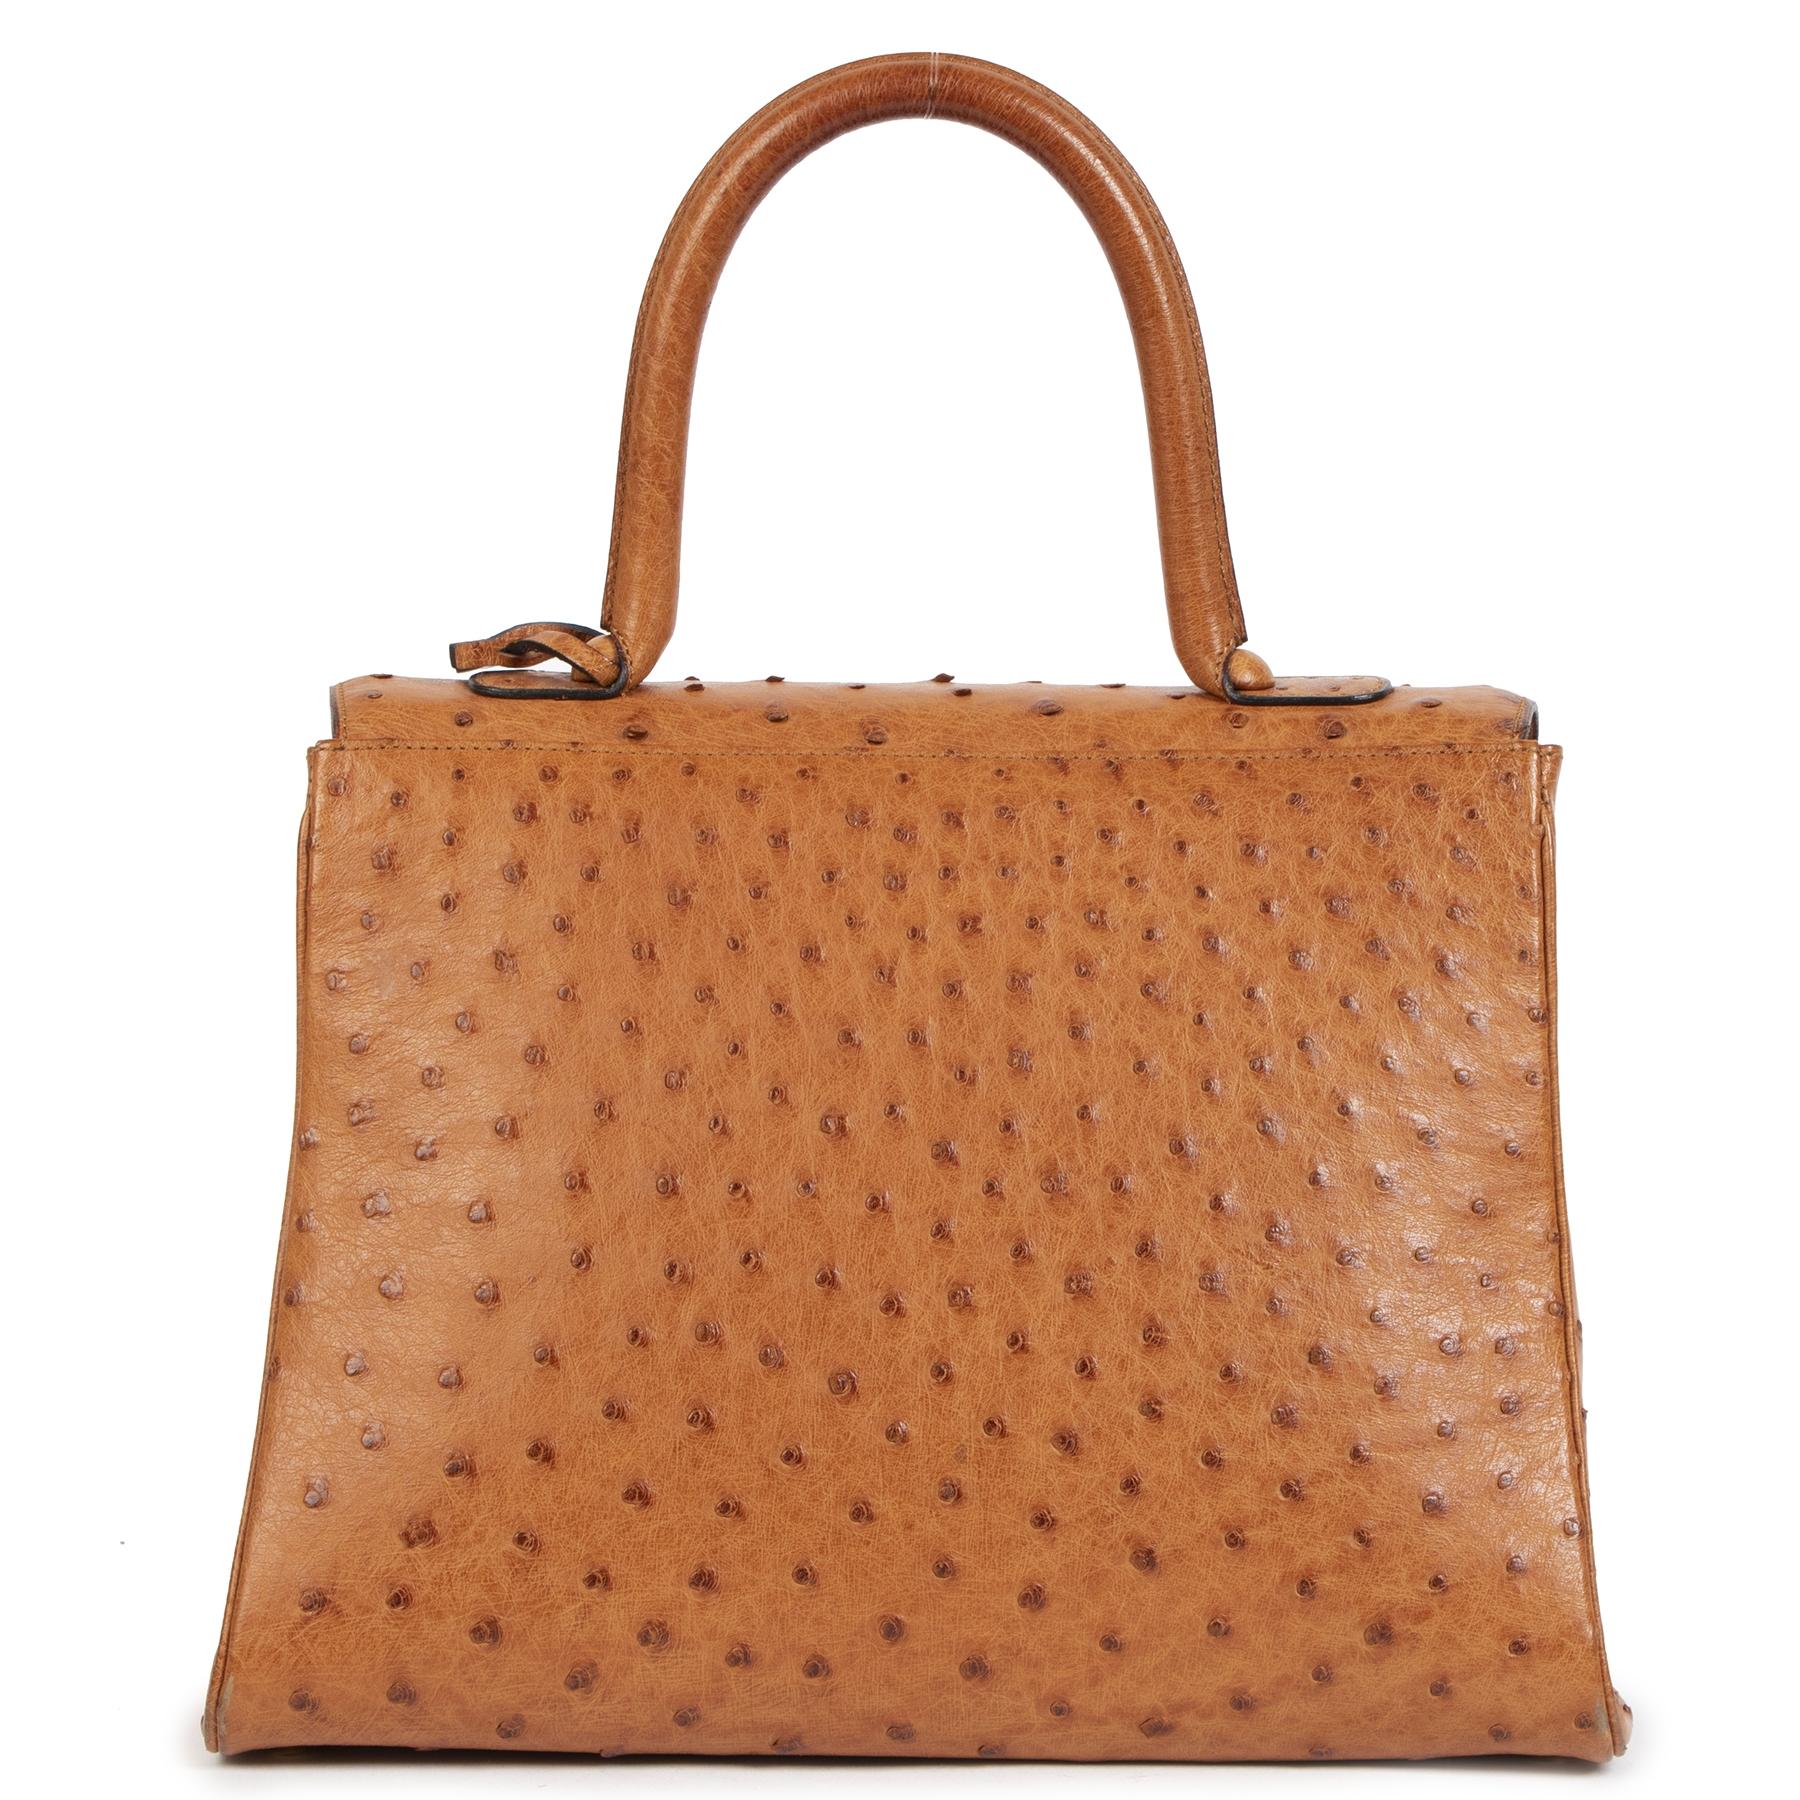 Authentieke Tweedehands Delvaux Brillant MM Ostrich Bag juiste prijs veilig online shoppen luxe merken webshop winkelen Antwerpen België mode fashion